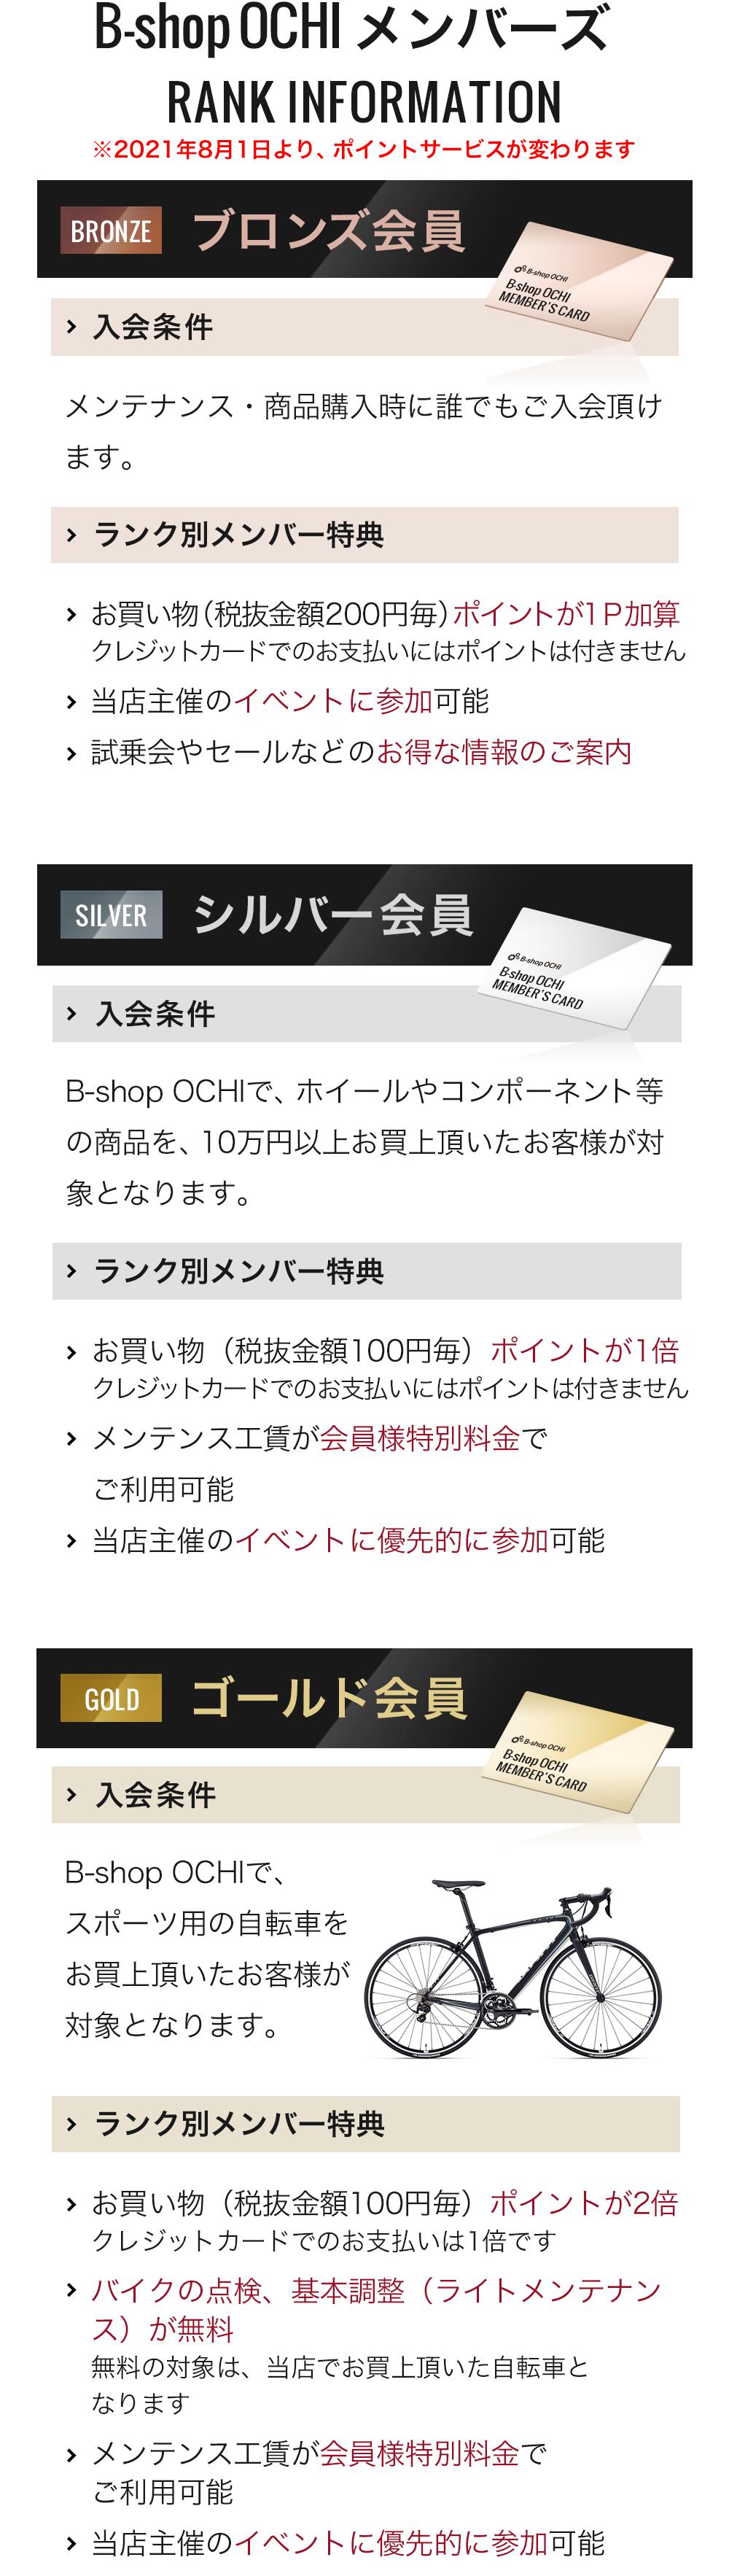 CLUB B-shop OCHI MEMBER'SLANK INFORMATION